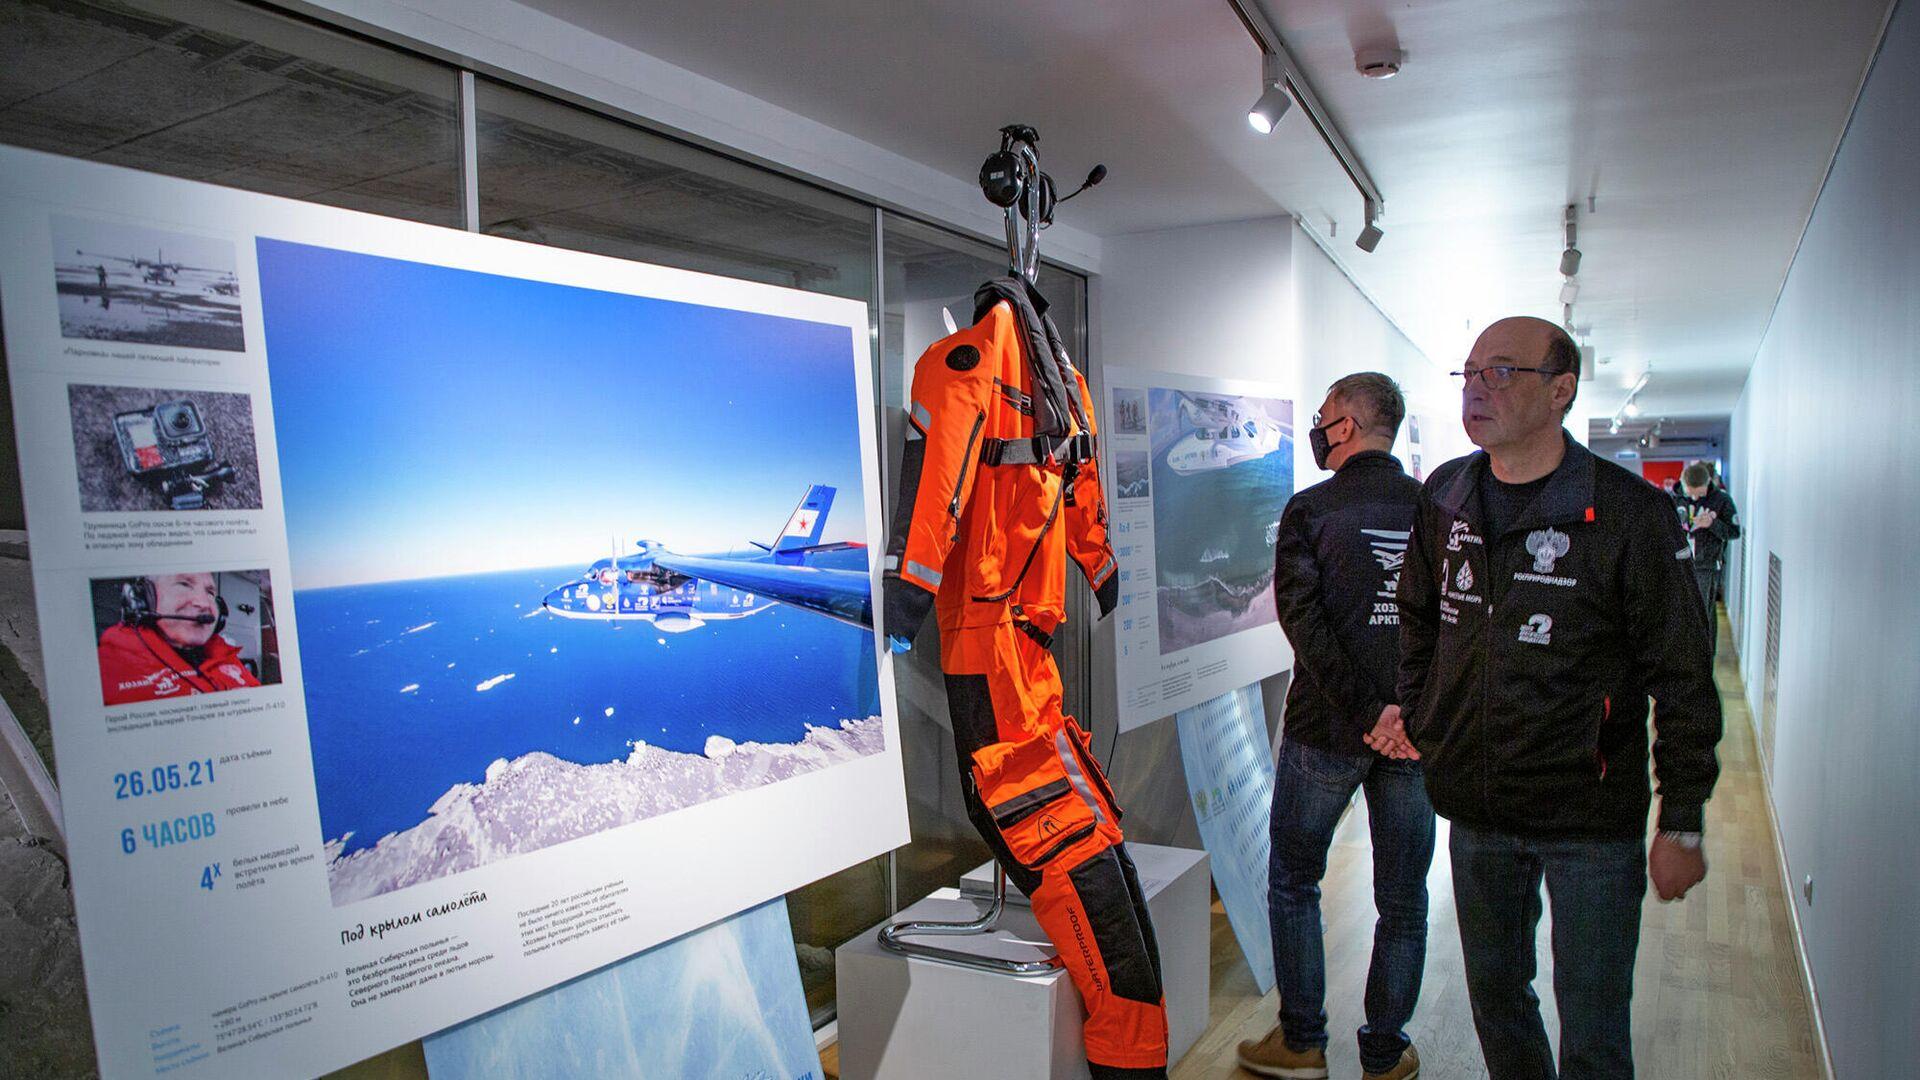 Посетители на фотовыставке по итогам экспедиции Хозяин Арктики-2021 - РИА Новости, 1920, 22.09.2021